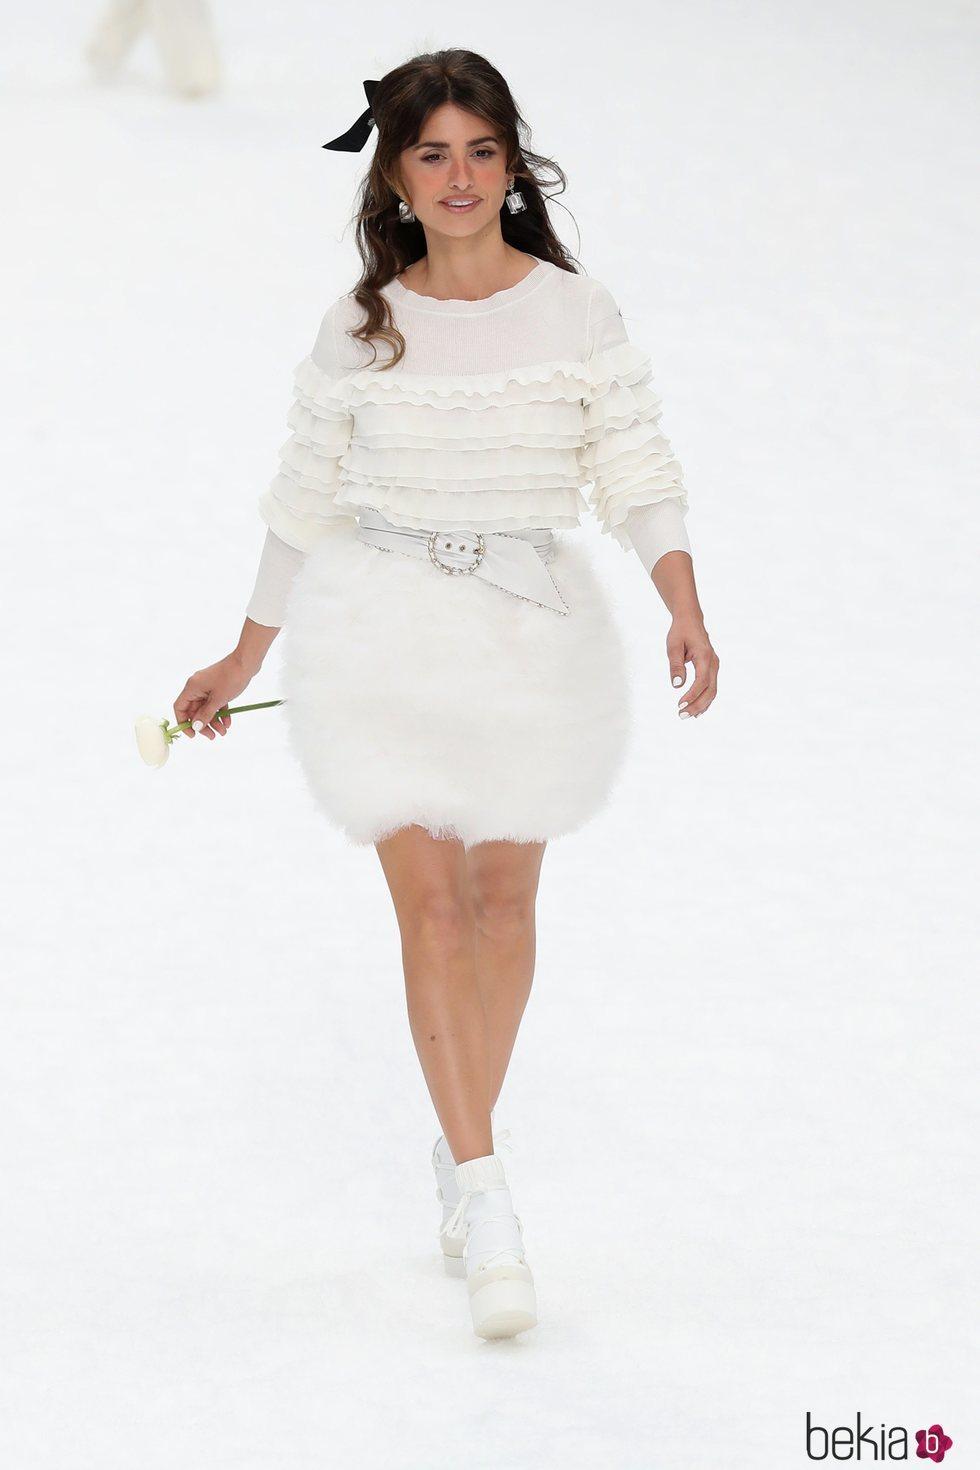 Penélope Cruz en la pasarela de Chanel otoño/invierno 2019/2020 en París